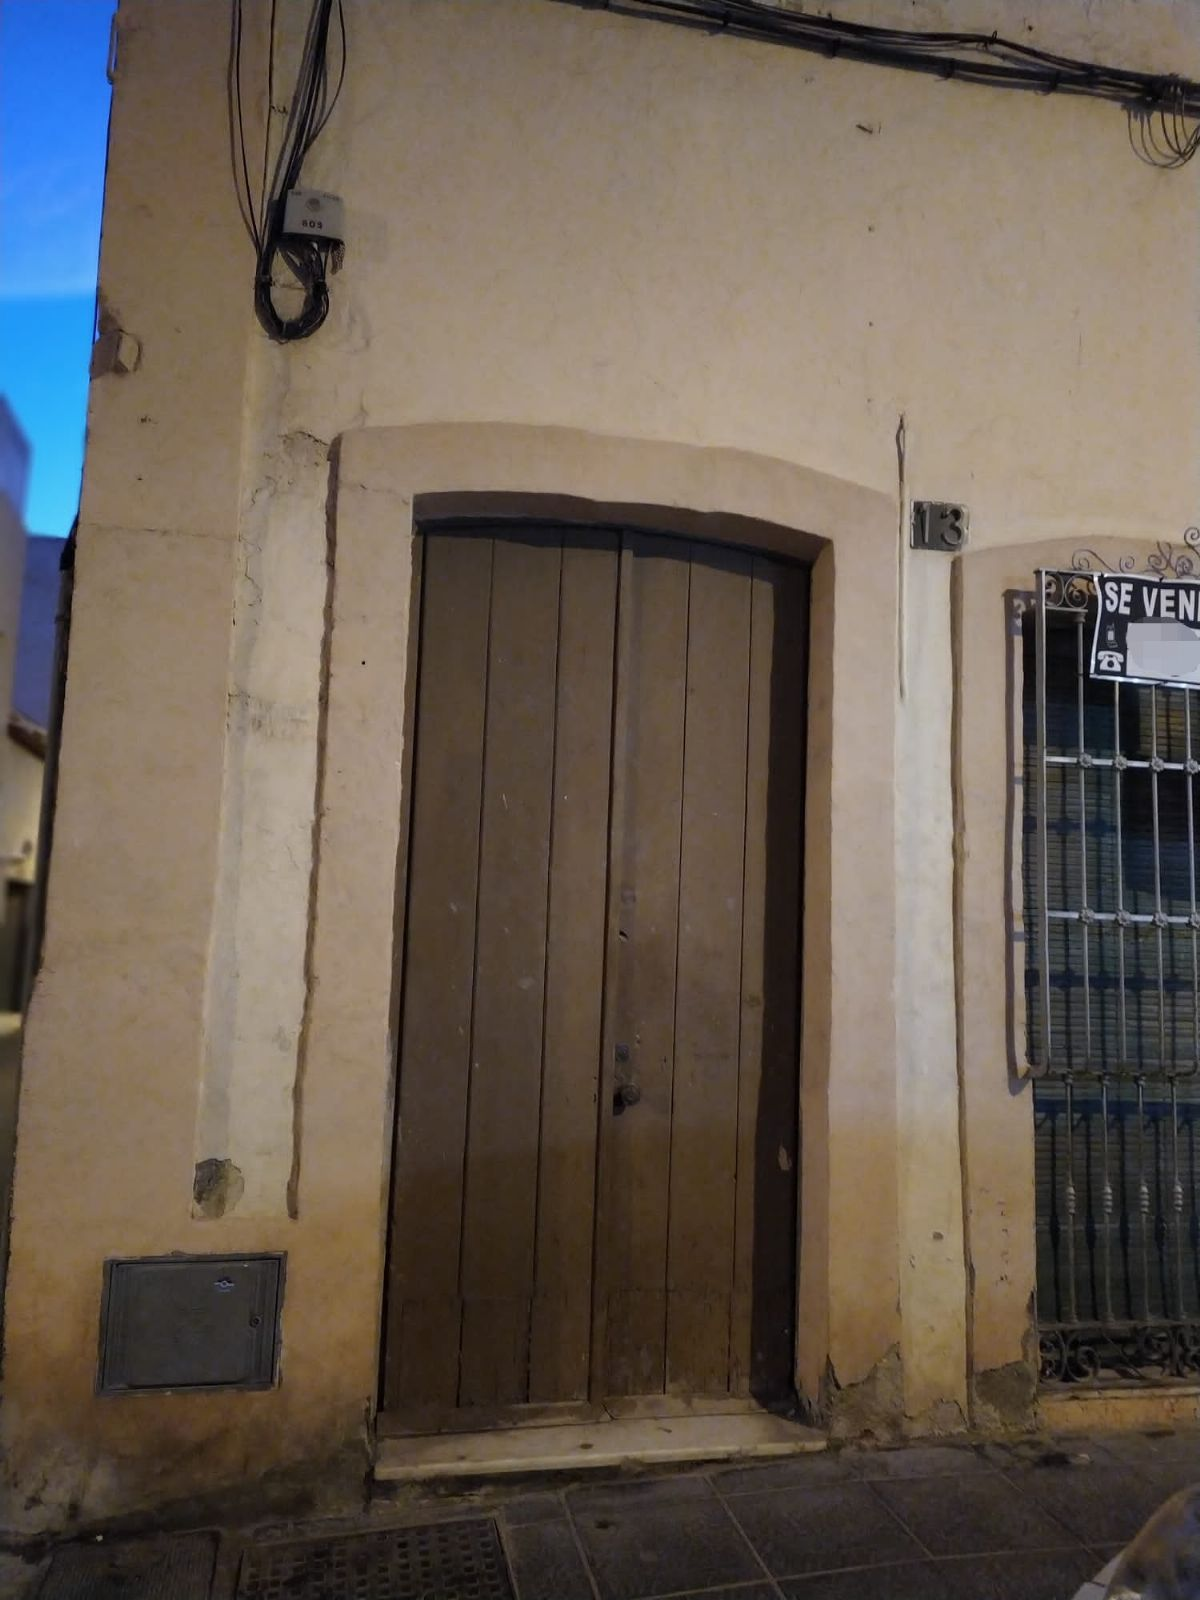 Casa en venta en 40006, Almería, Almería, Calle Ingles, 74.000 €, 85 m2